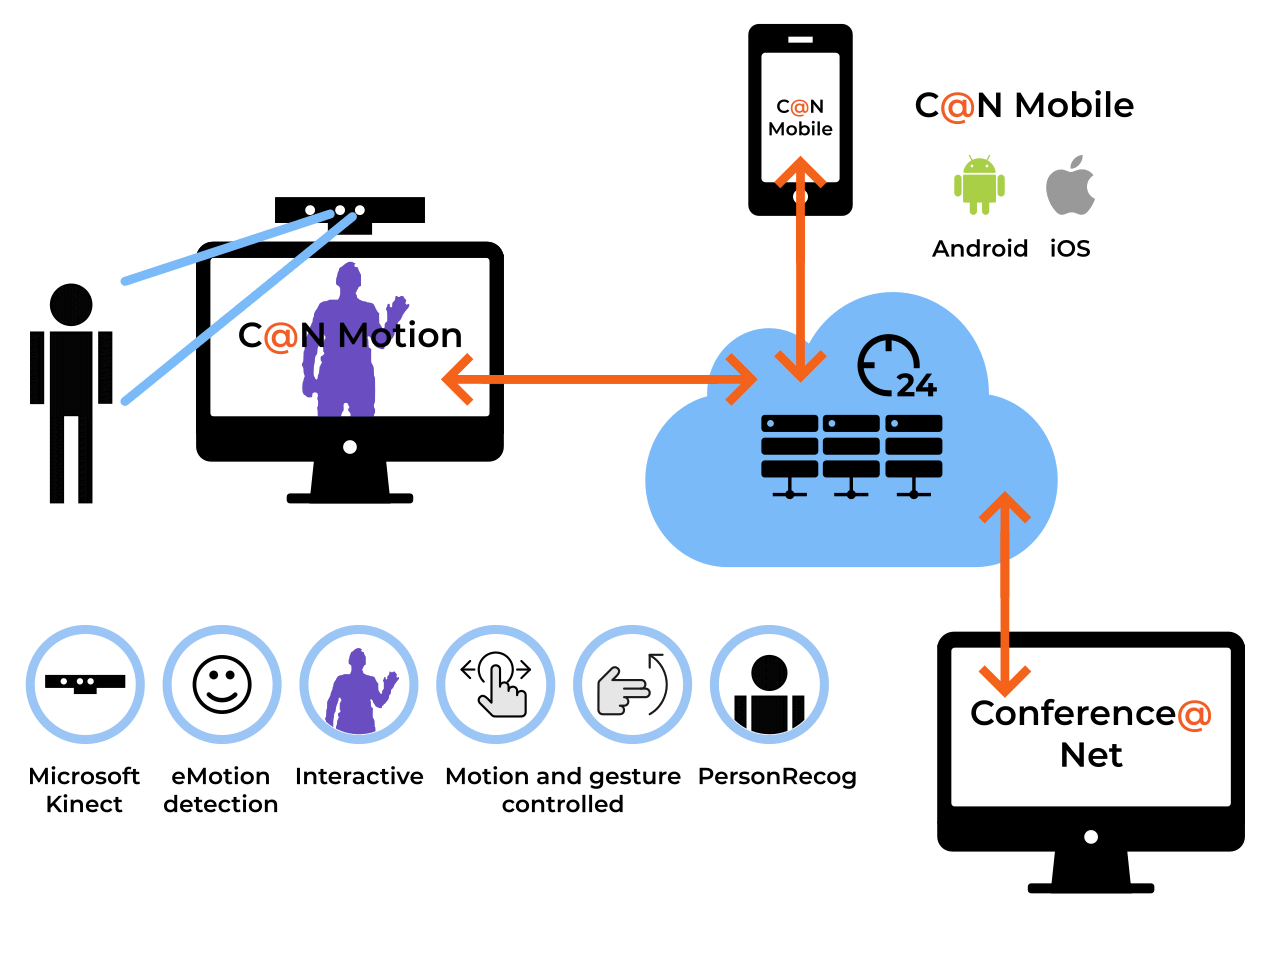 C@N Motion schema